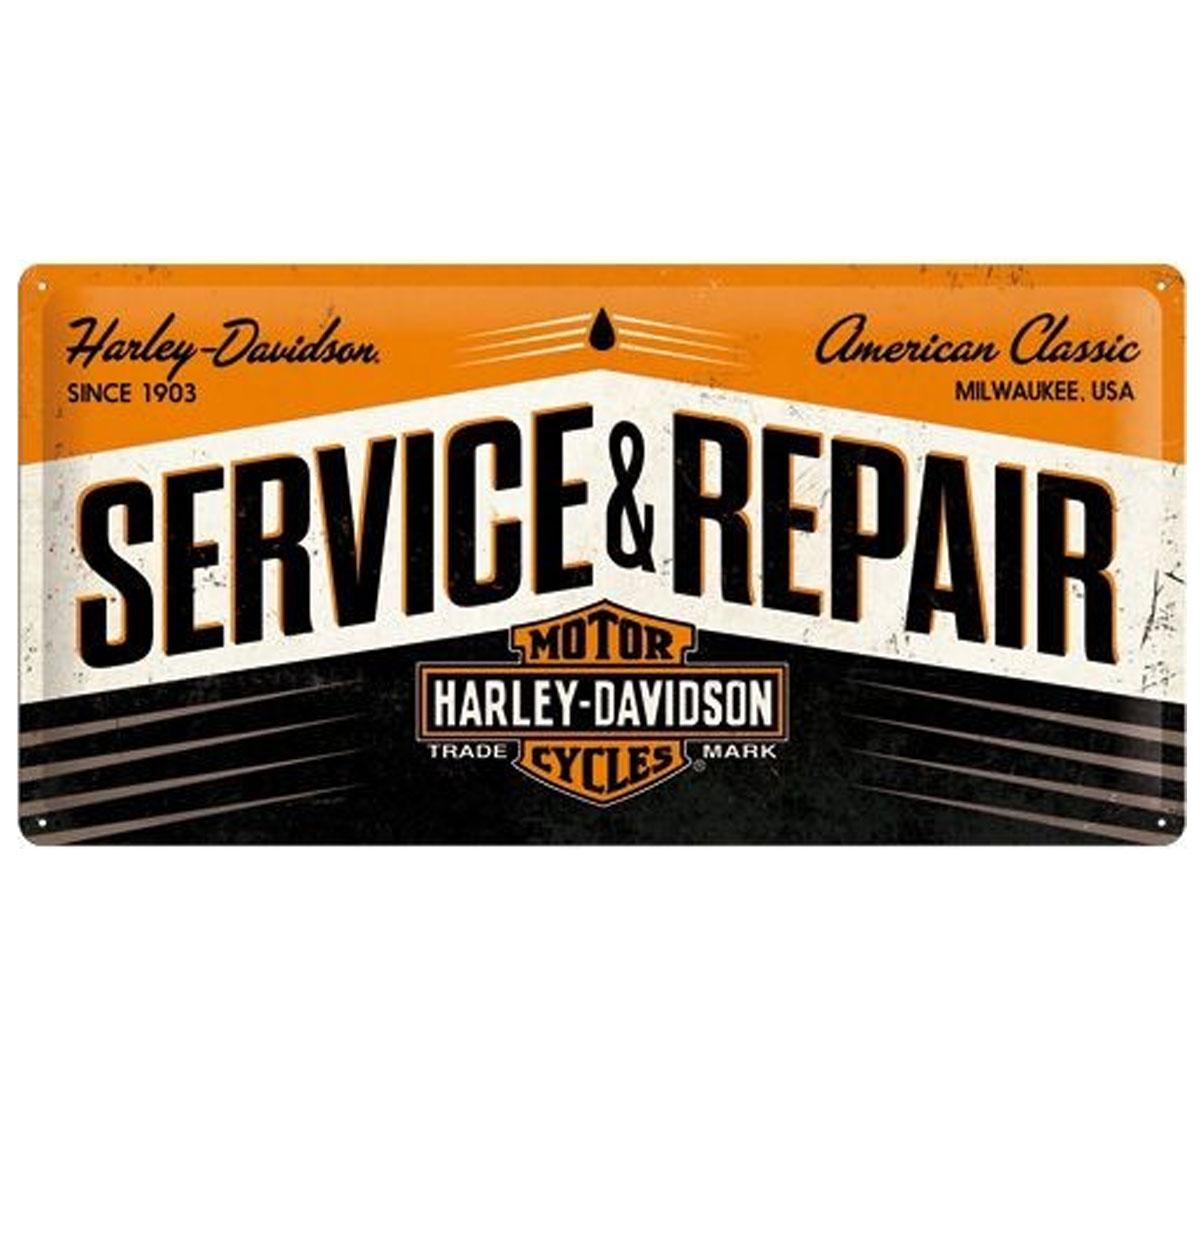 Harley-Davidson Service & Repair Metal Sign 25 x 50 cm